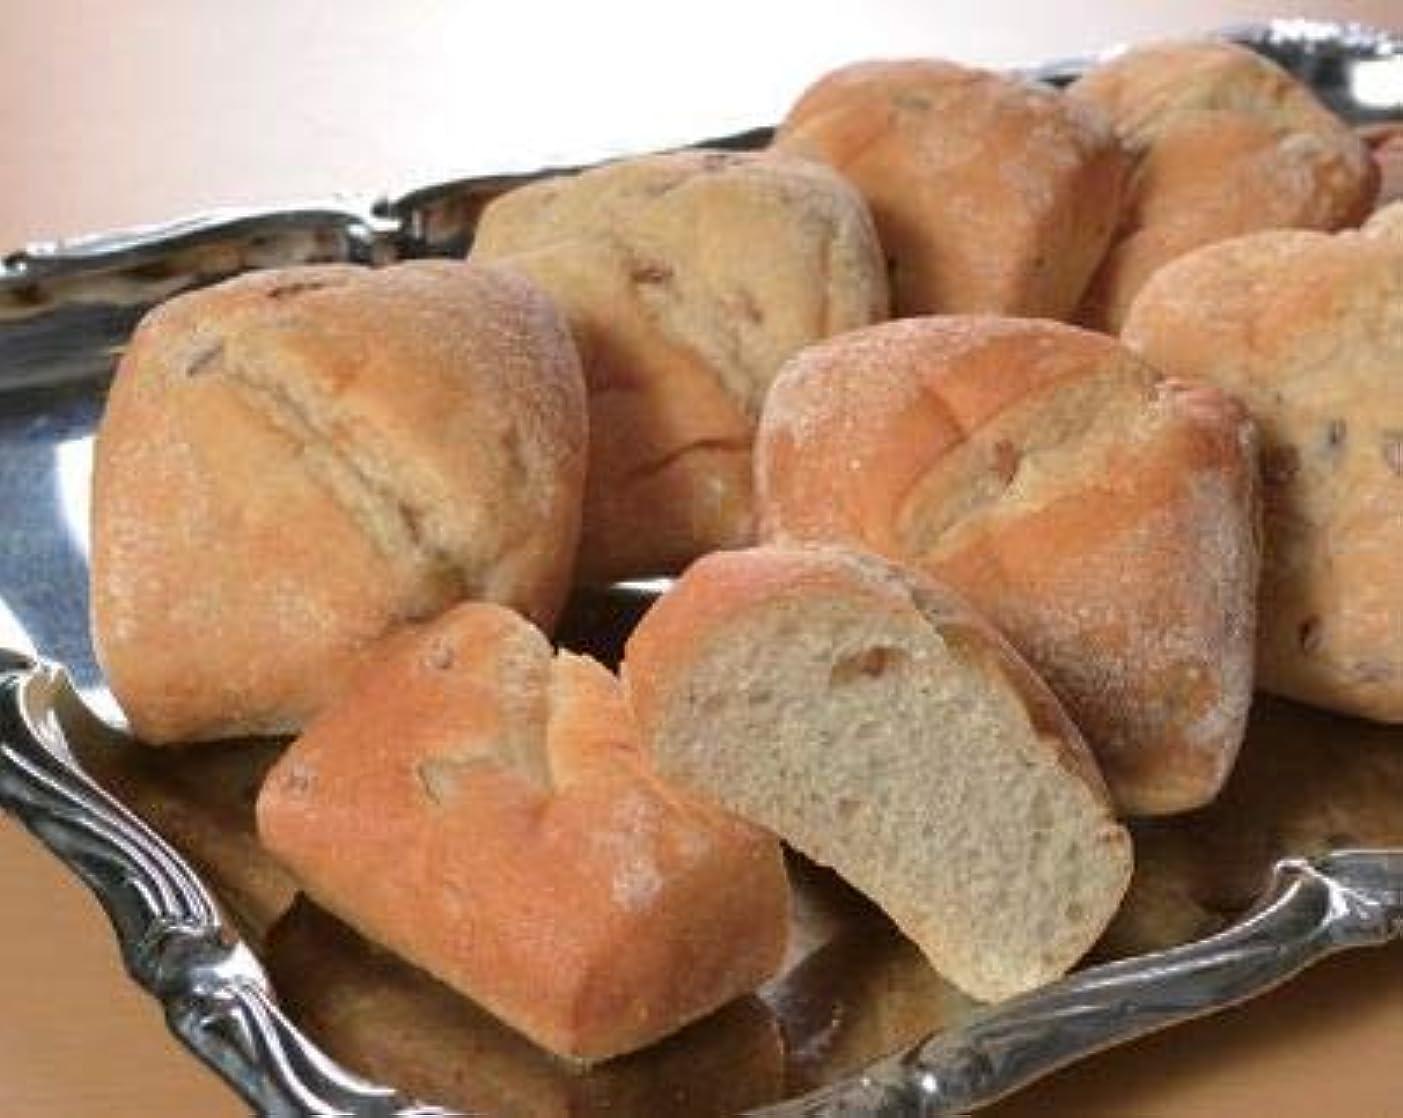 出口擬人化フルートライ麦パン(全粒粉入り)10個(1個約7×8×4cm)【冷凍パン】【朝食】(mk)(147030)